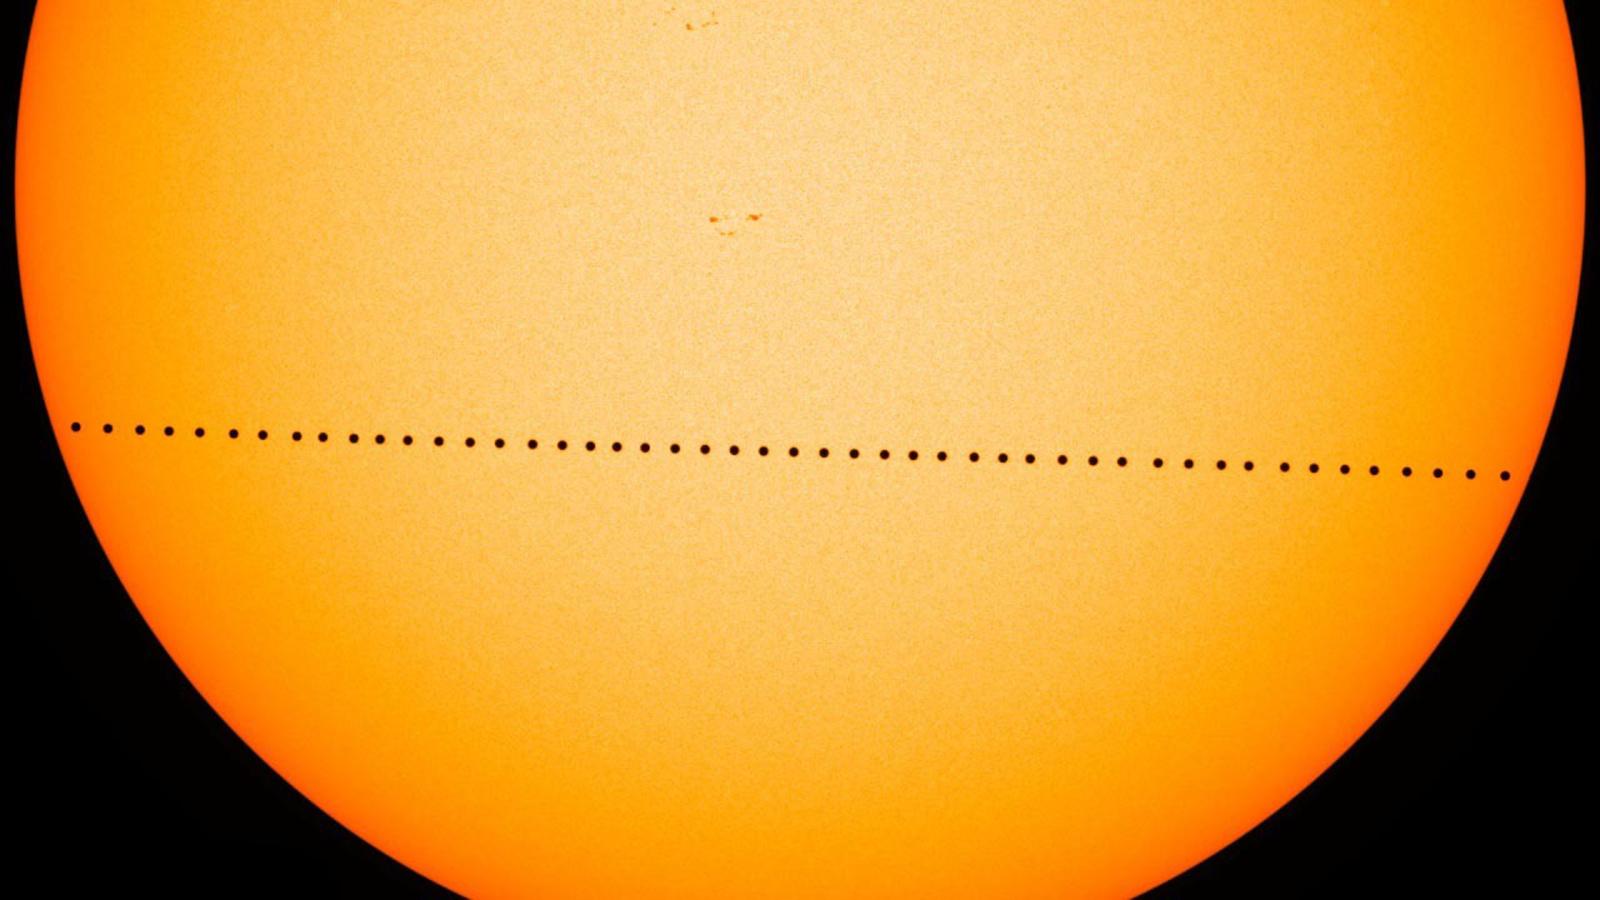 Le passage de Mercure devant le Soleil